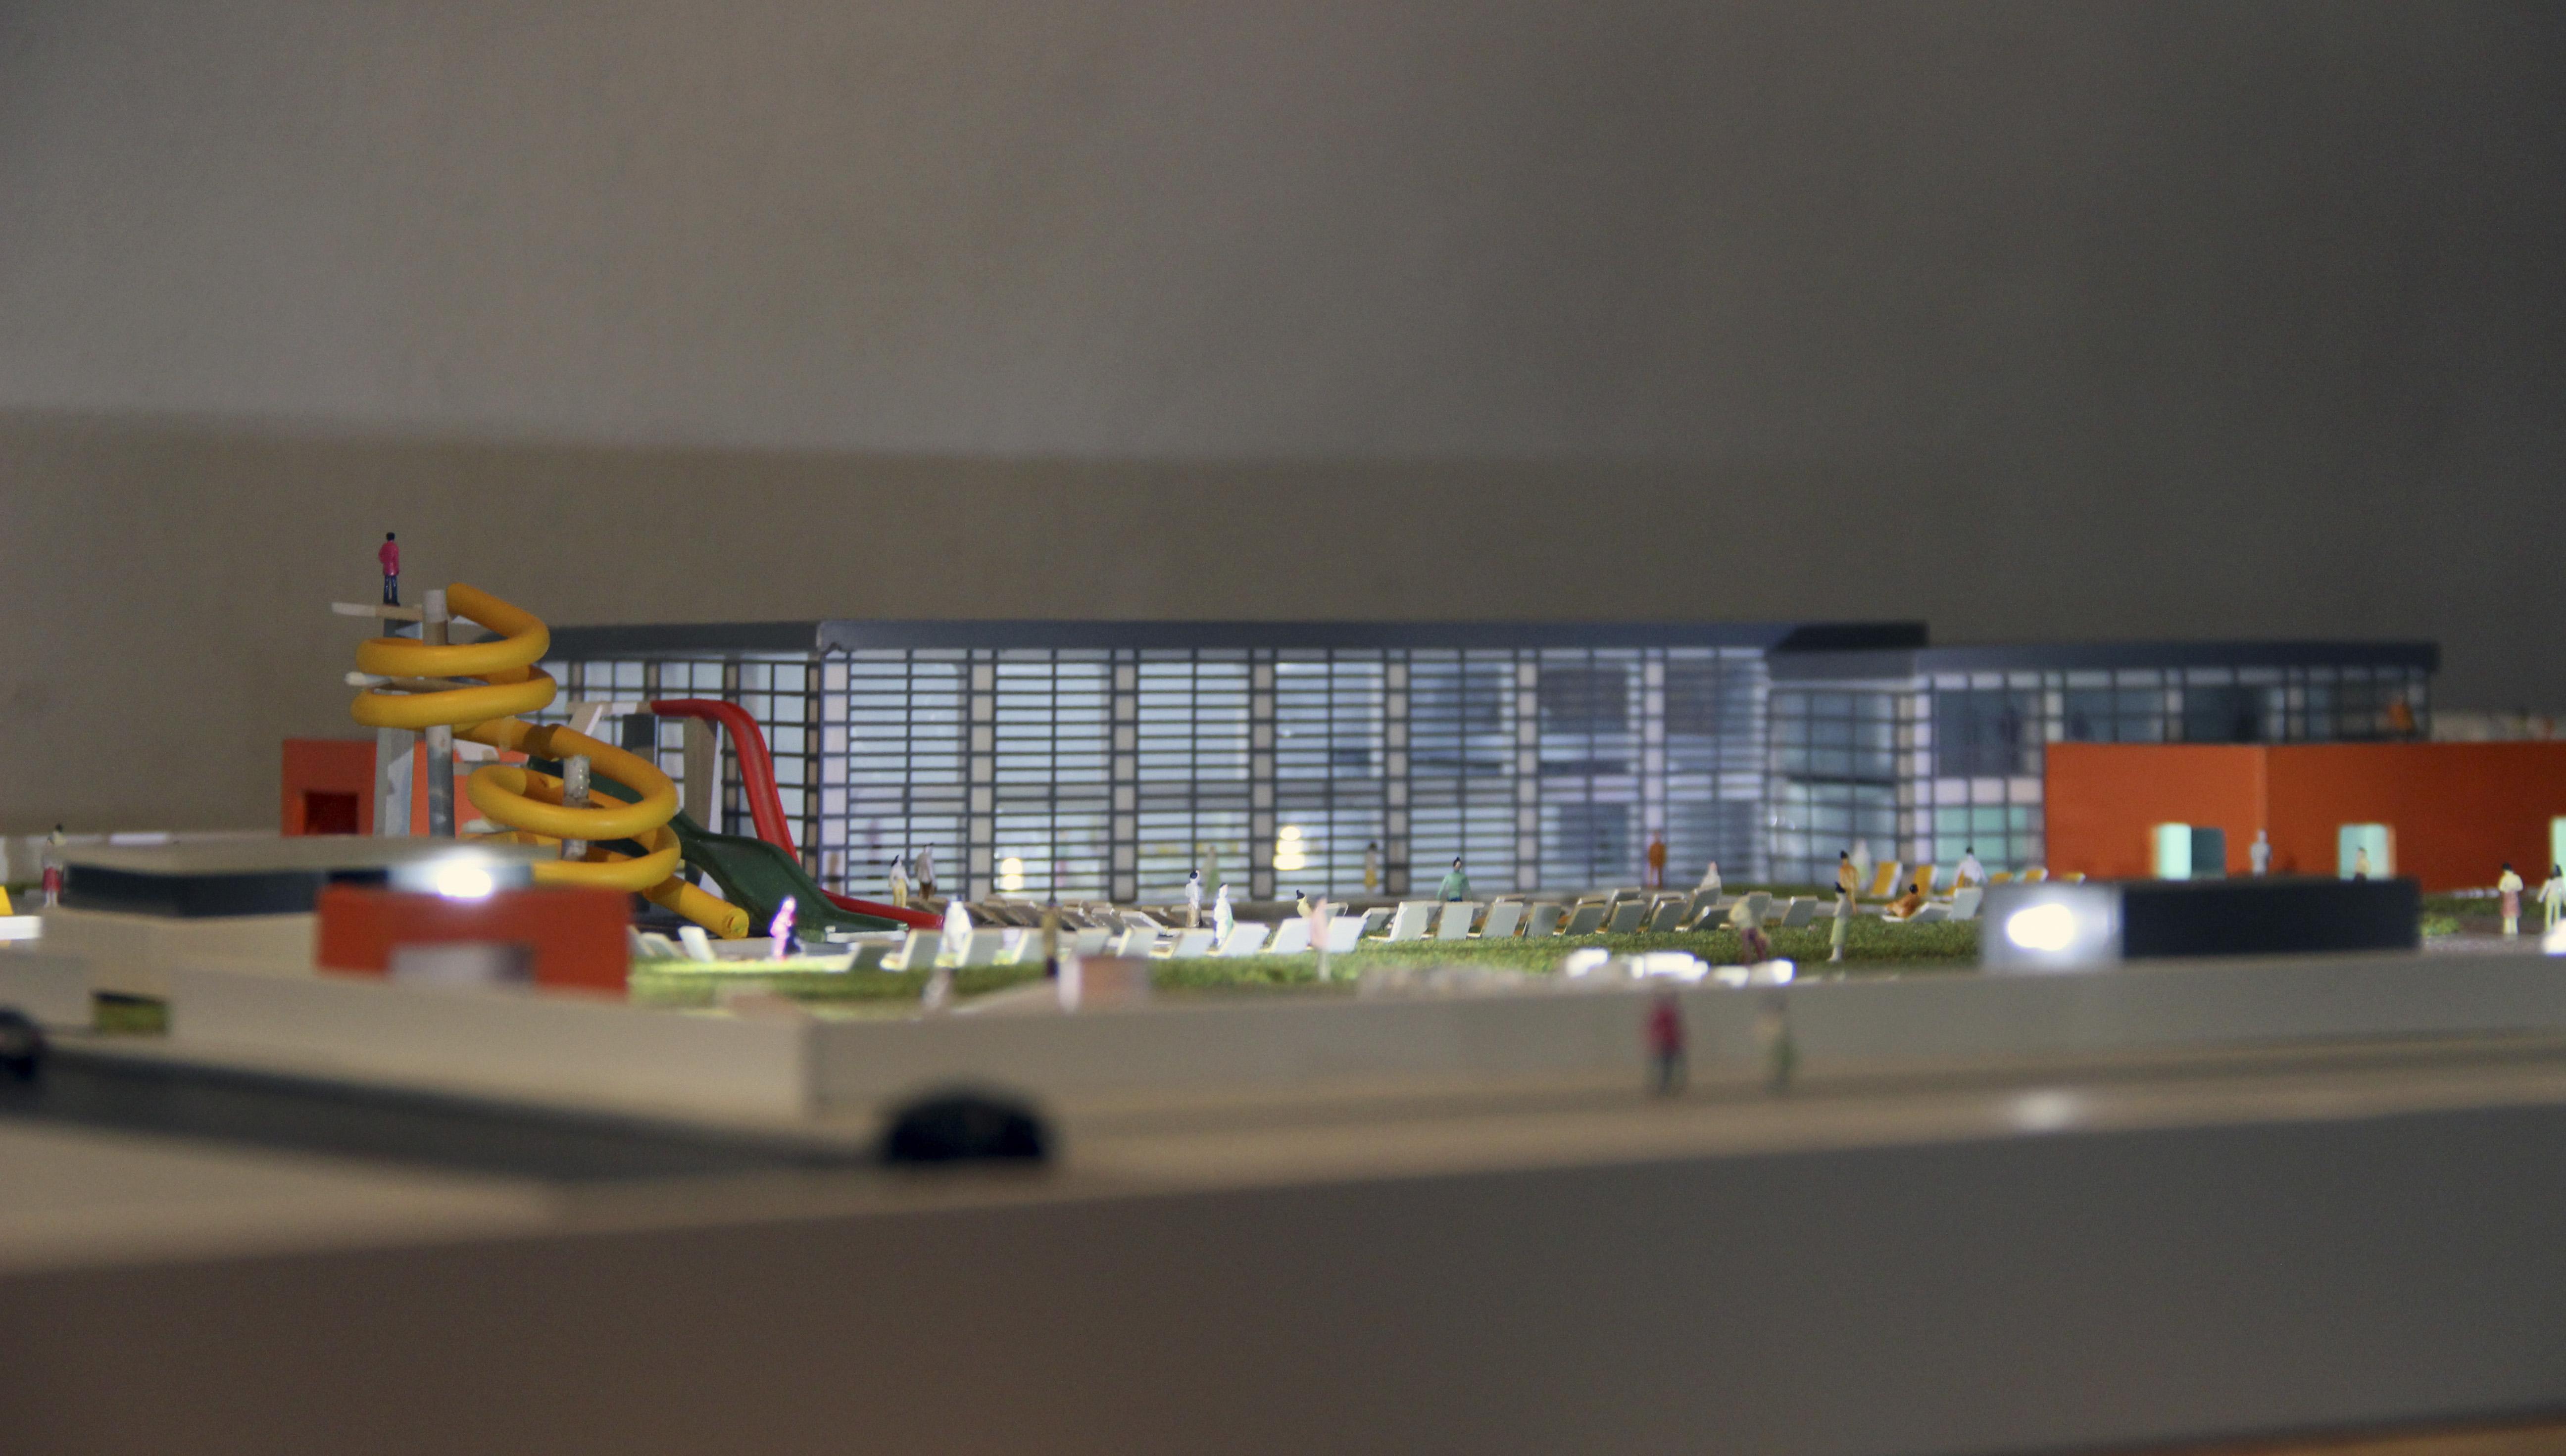 Præsentationsmodel Badeland Modelhuset